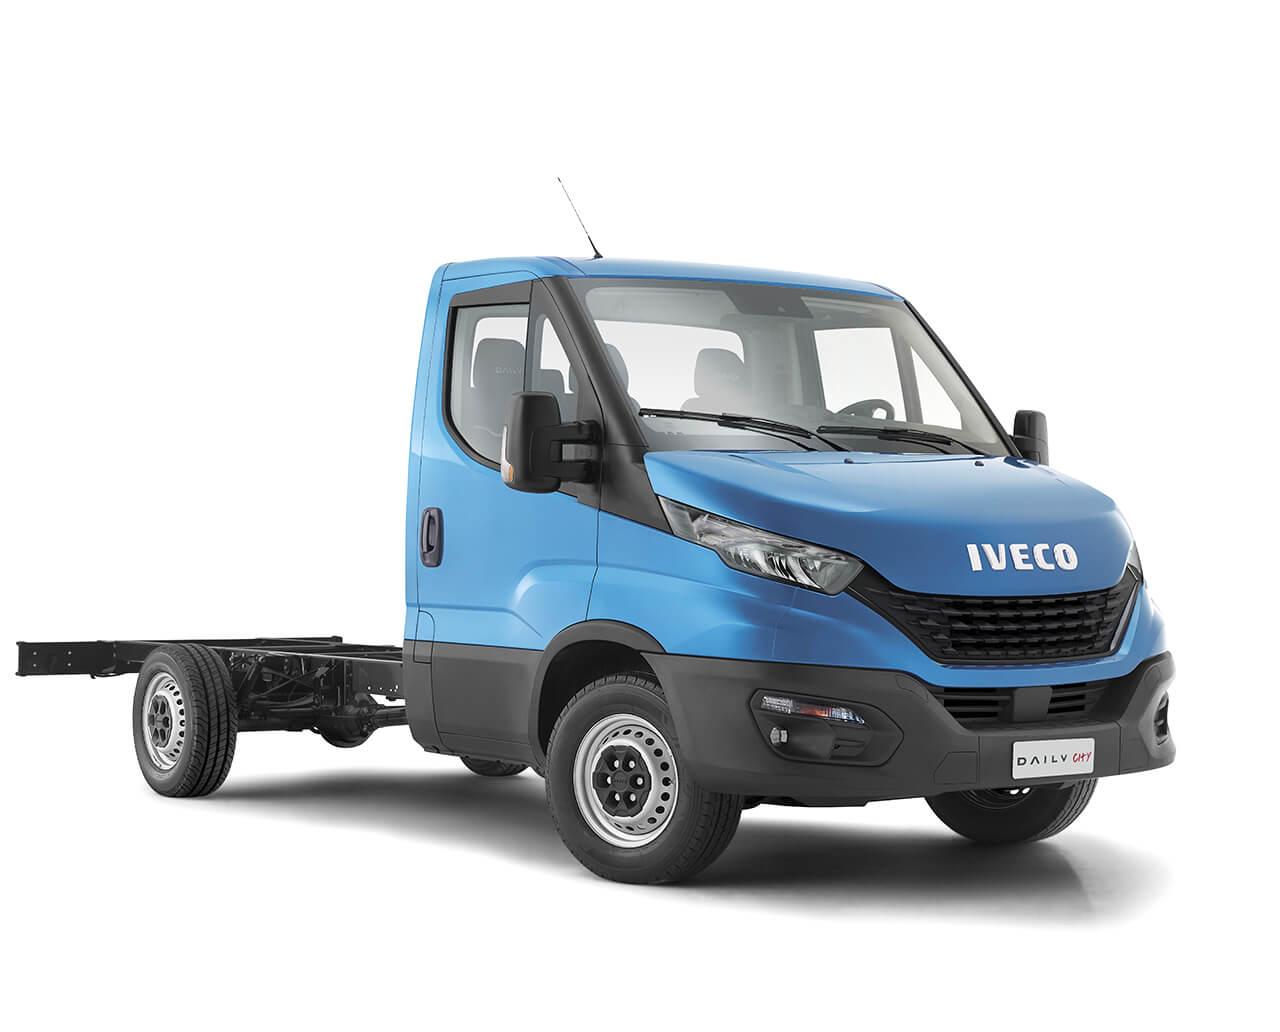 Caminhão Iveco Daily City Chassi